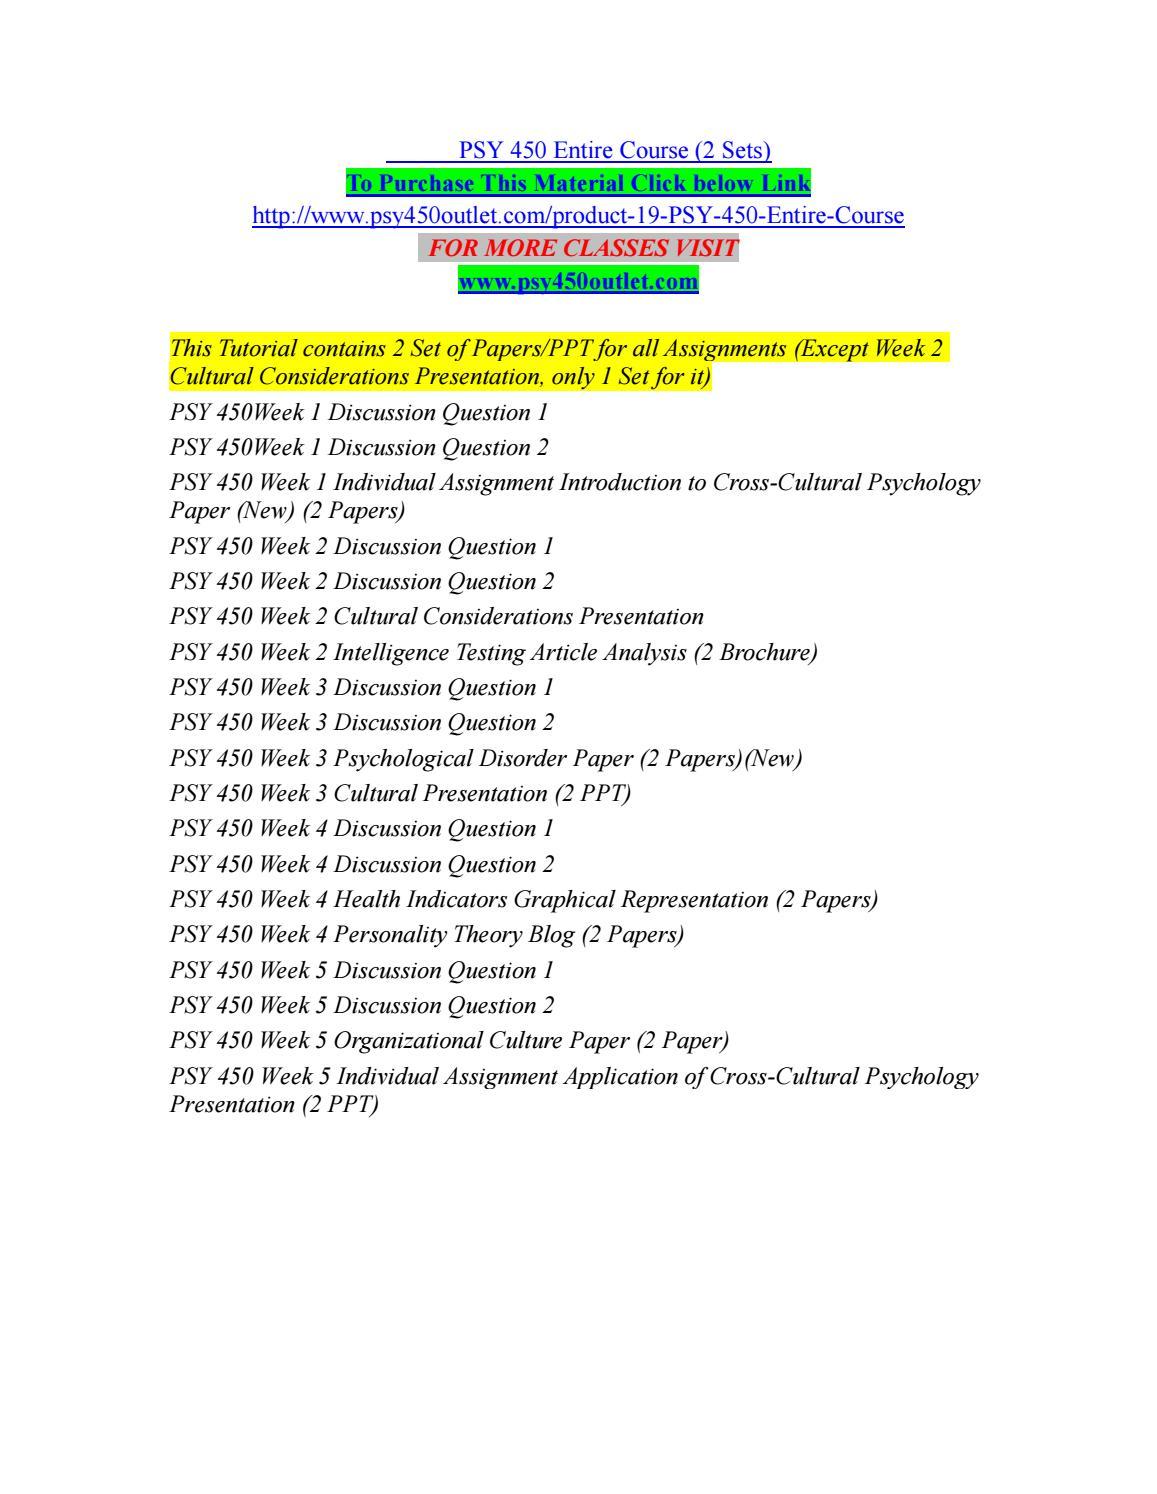 Uiuc dissertation deposit image 1